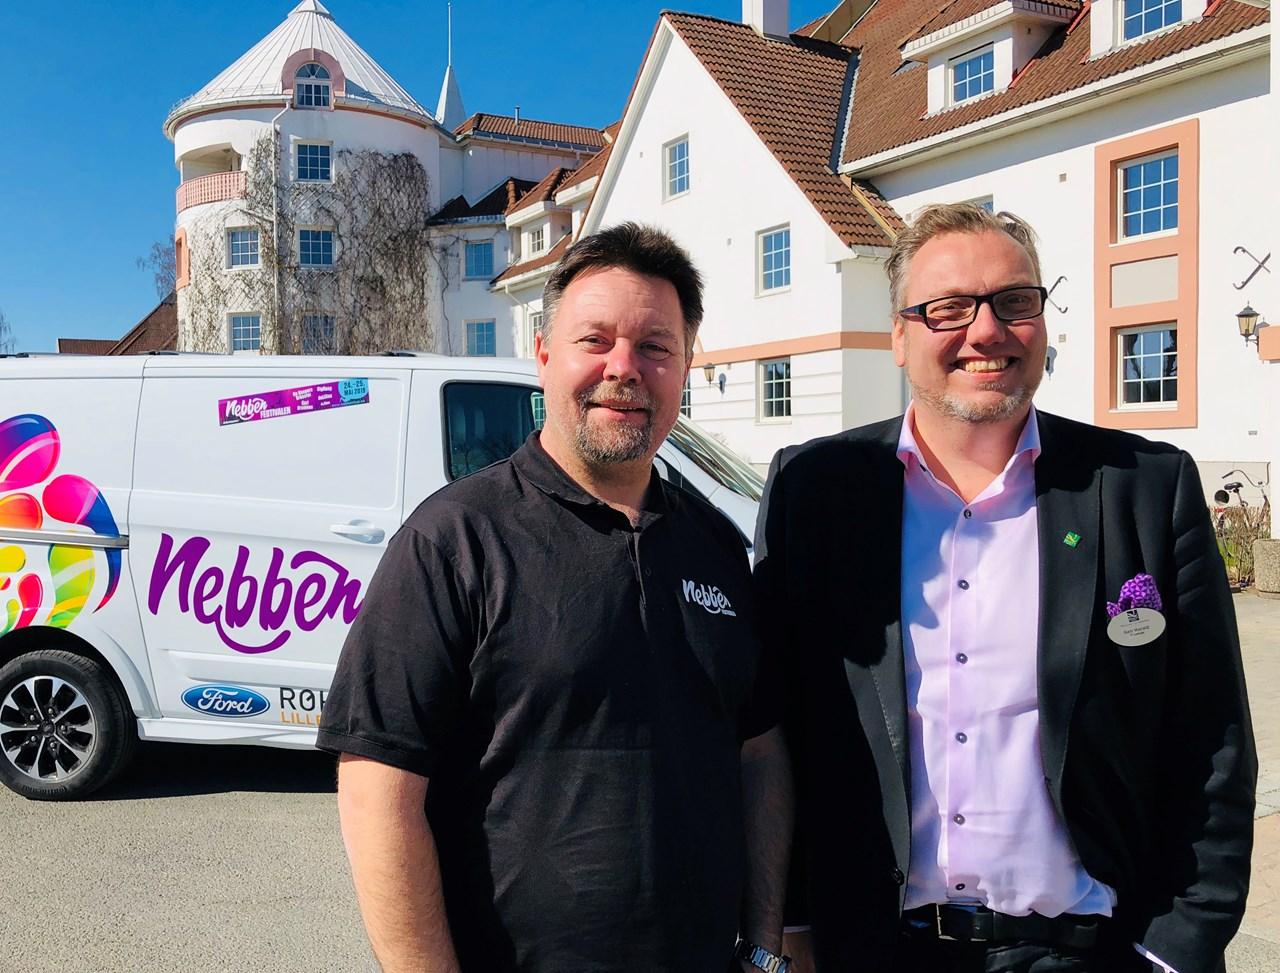 KLAREFORNEBBENFEST: André Myklebust fra Nebbenfestivalen er veldig glad for initiativet til Geir Fjellheim på Quality Hotel Olavsgaard.